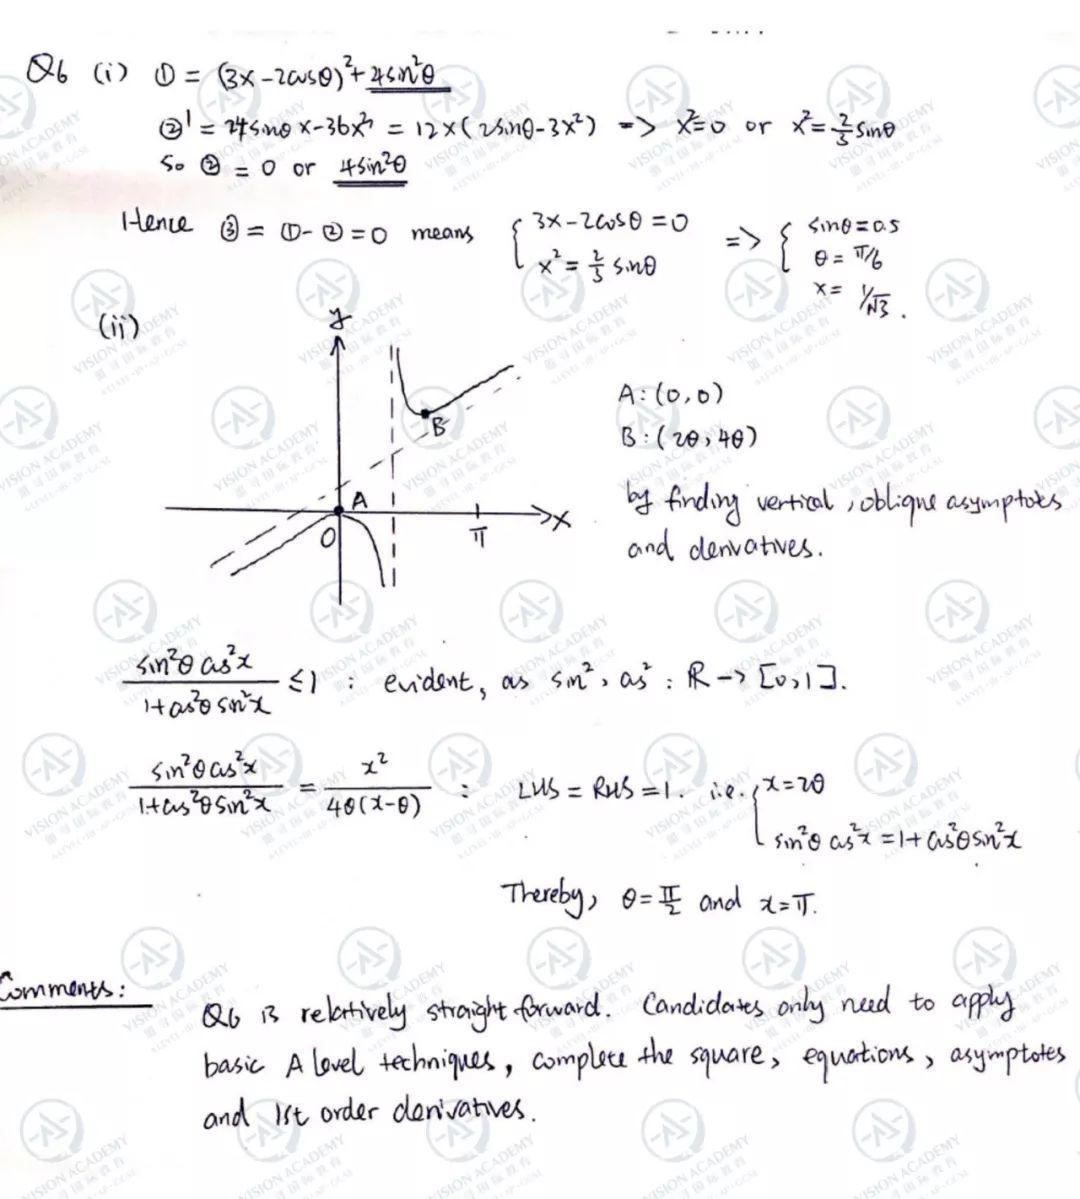 19年STEP1&2最全答案解析+点评+预测来了!自评快看  牛津大学 考试 竞赛 第17张